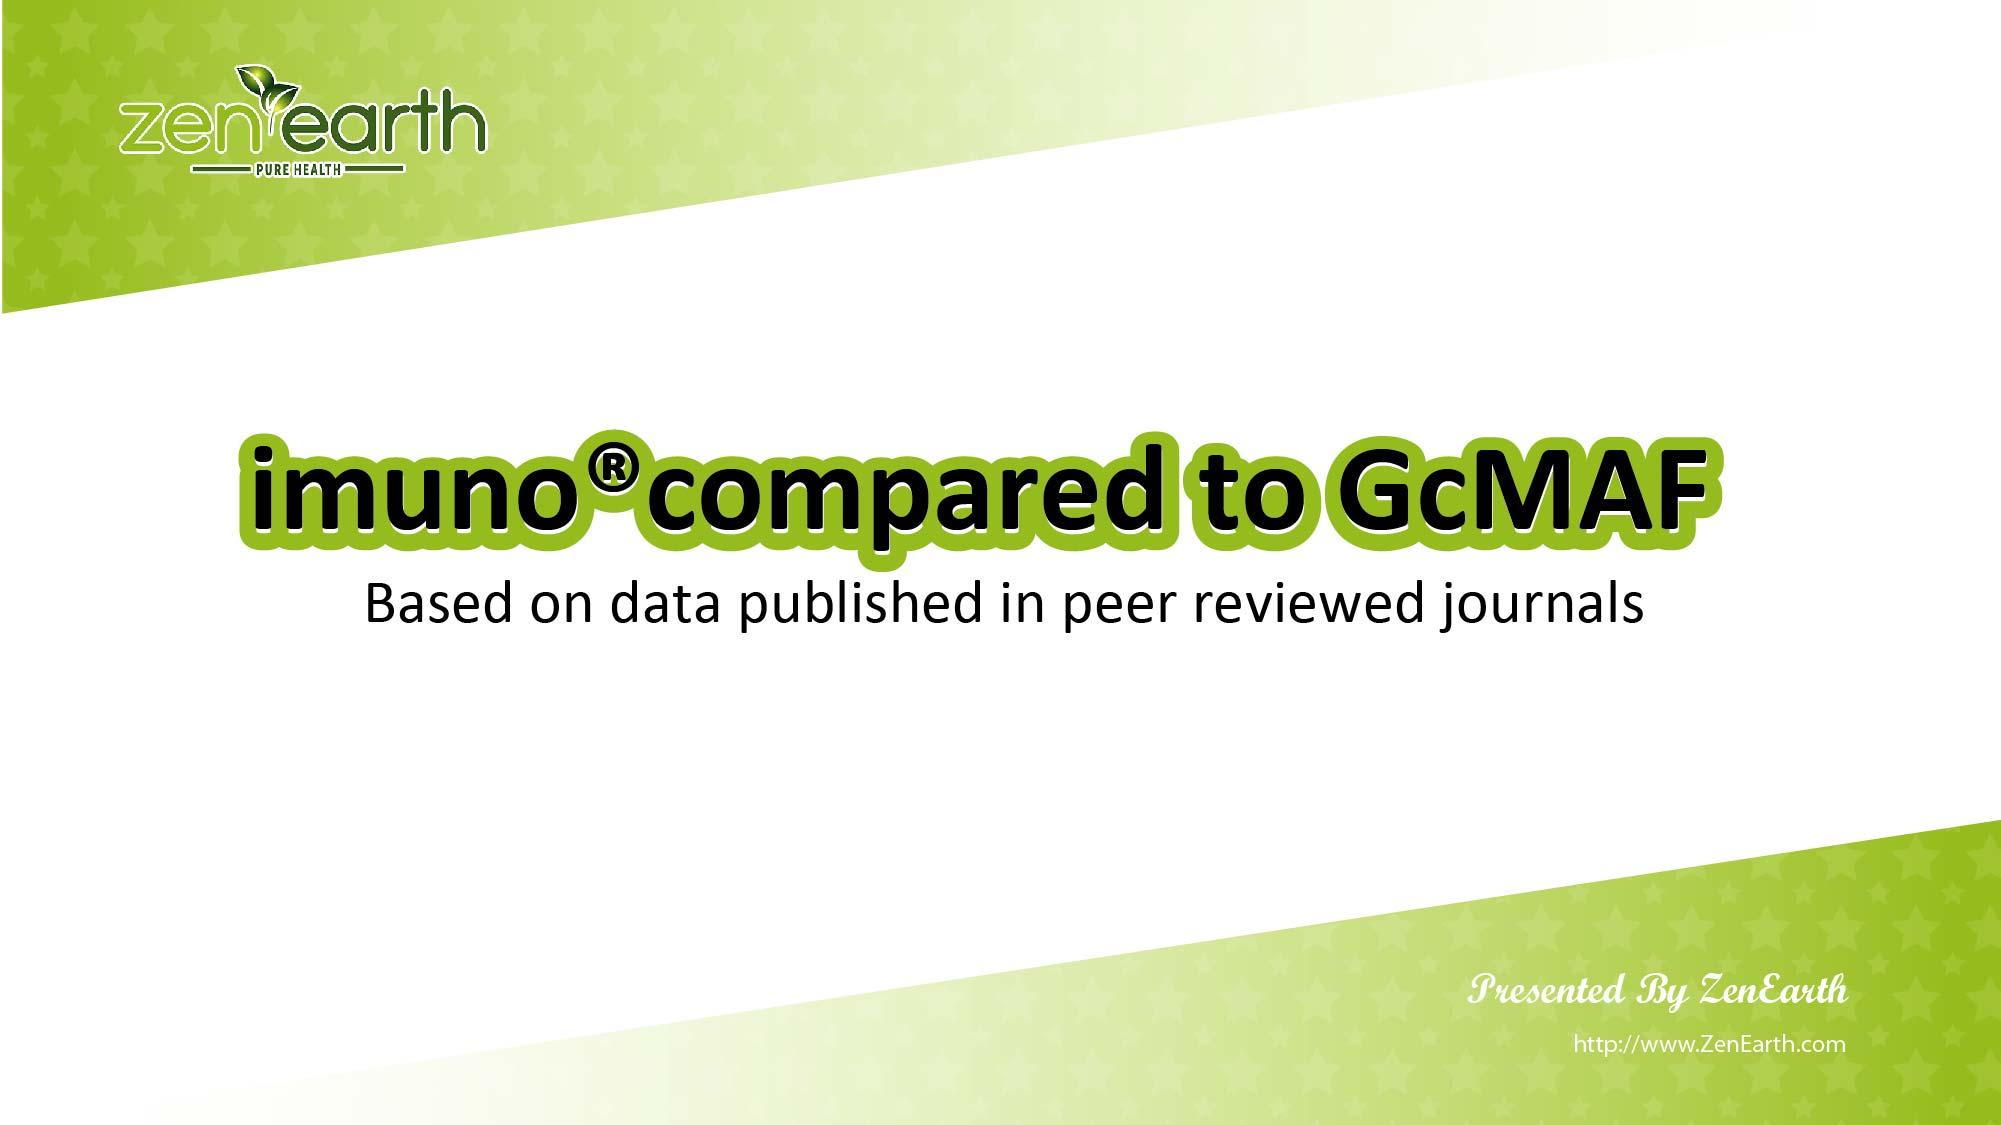 GcMAF imuno